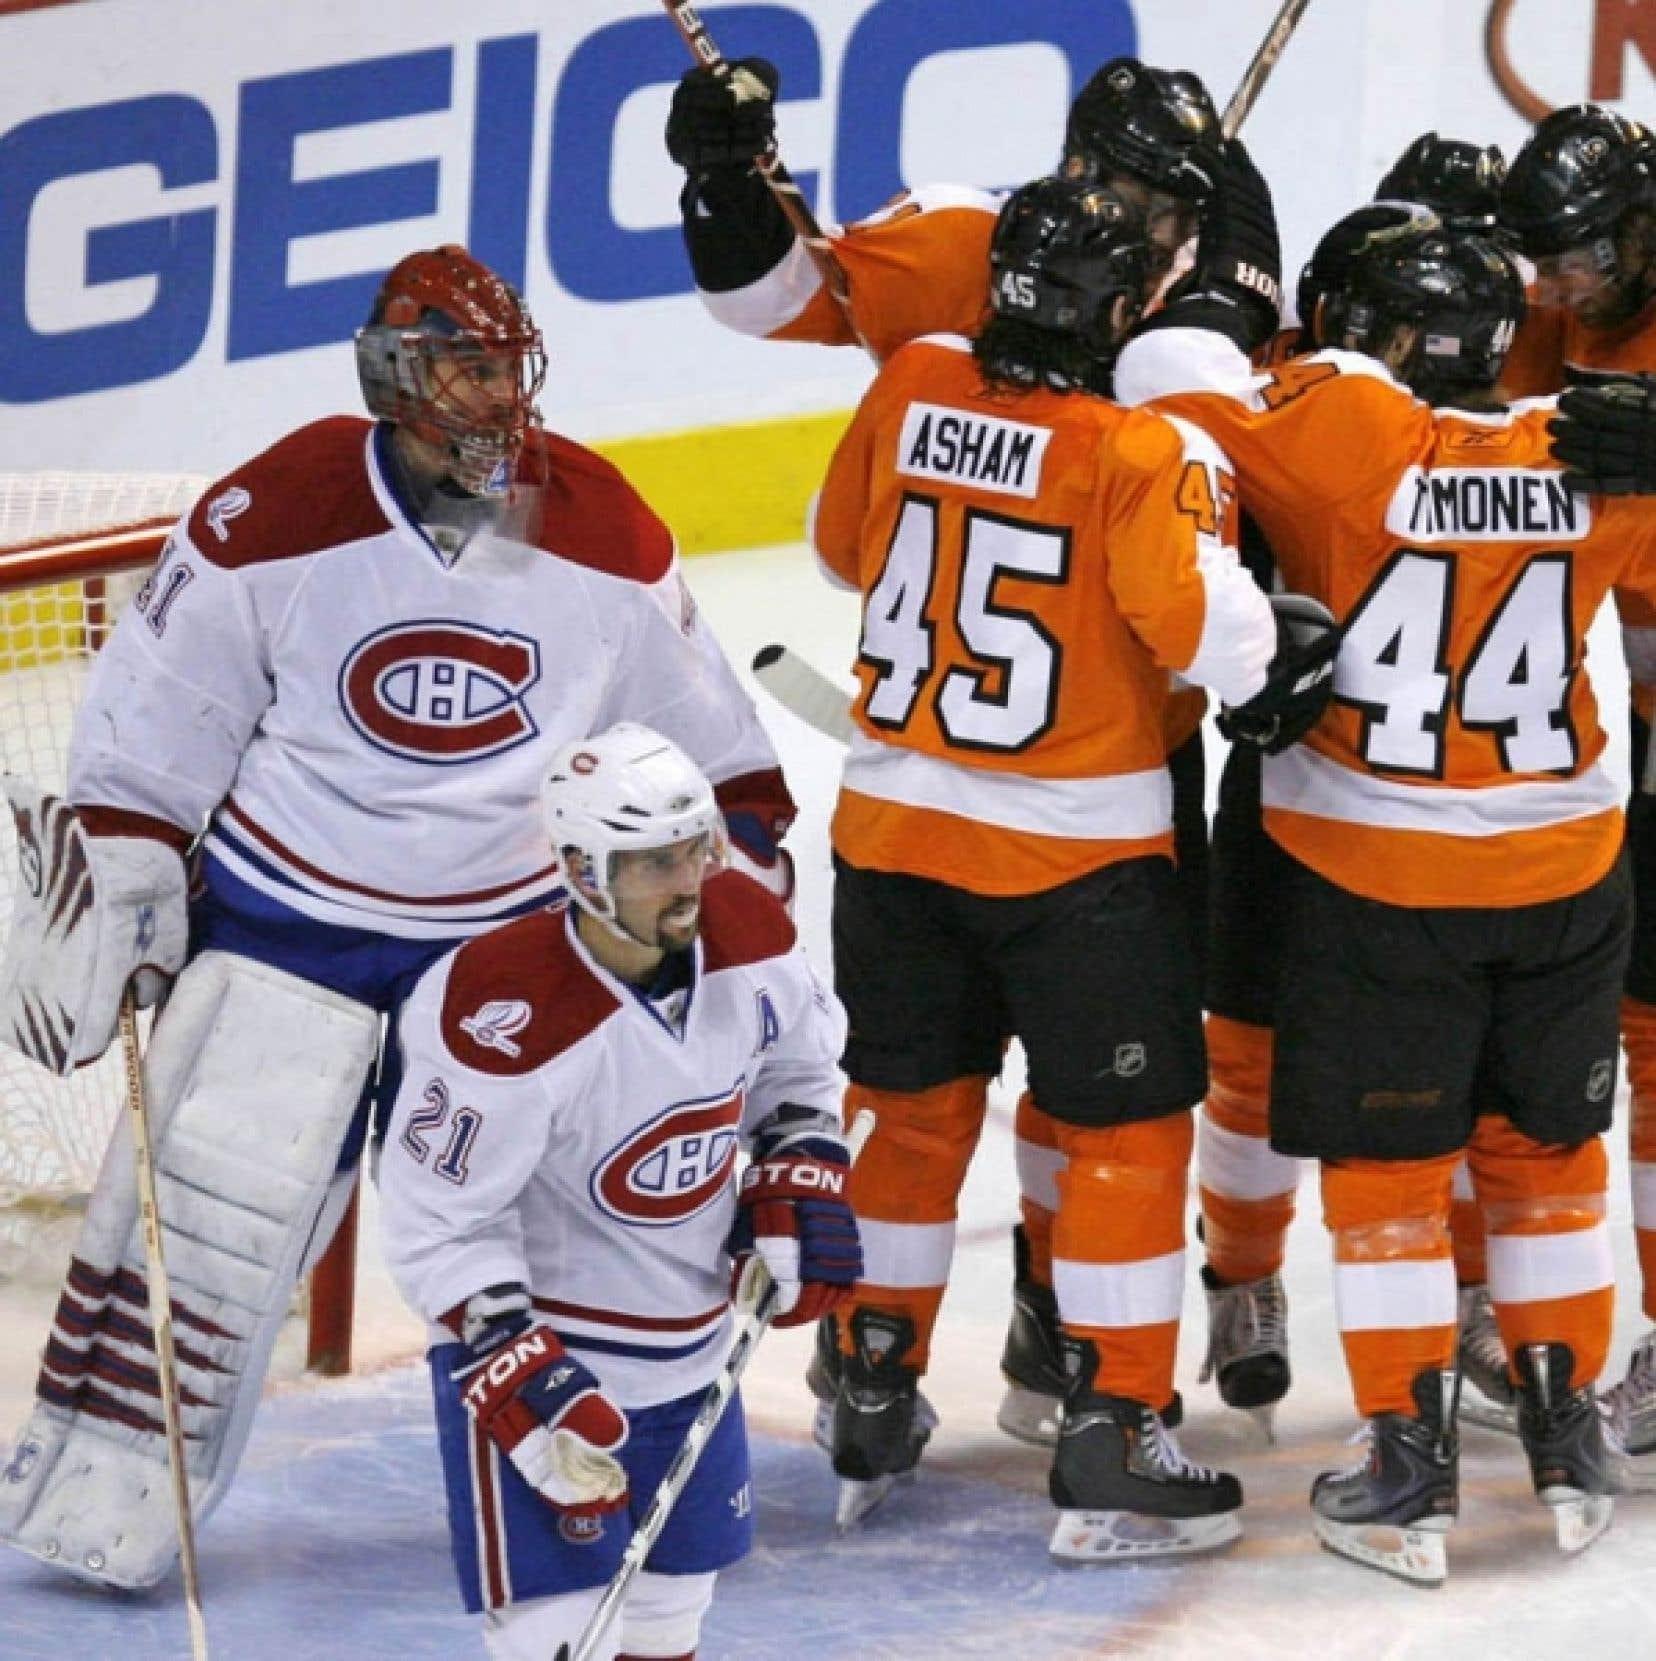 Les joueurs des Flyers célébrant l'un de leurs buts tout près de Jaroslav Halak et de Brian Gionta, en deuxième période, hier, à Philadelphie. Halak a dû céder sa place à son coéquiper Carey Price.